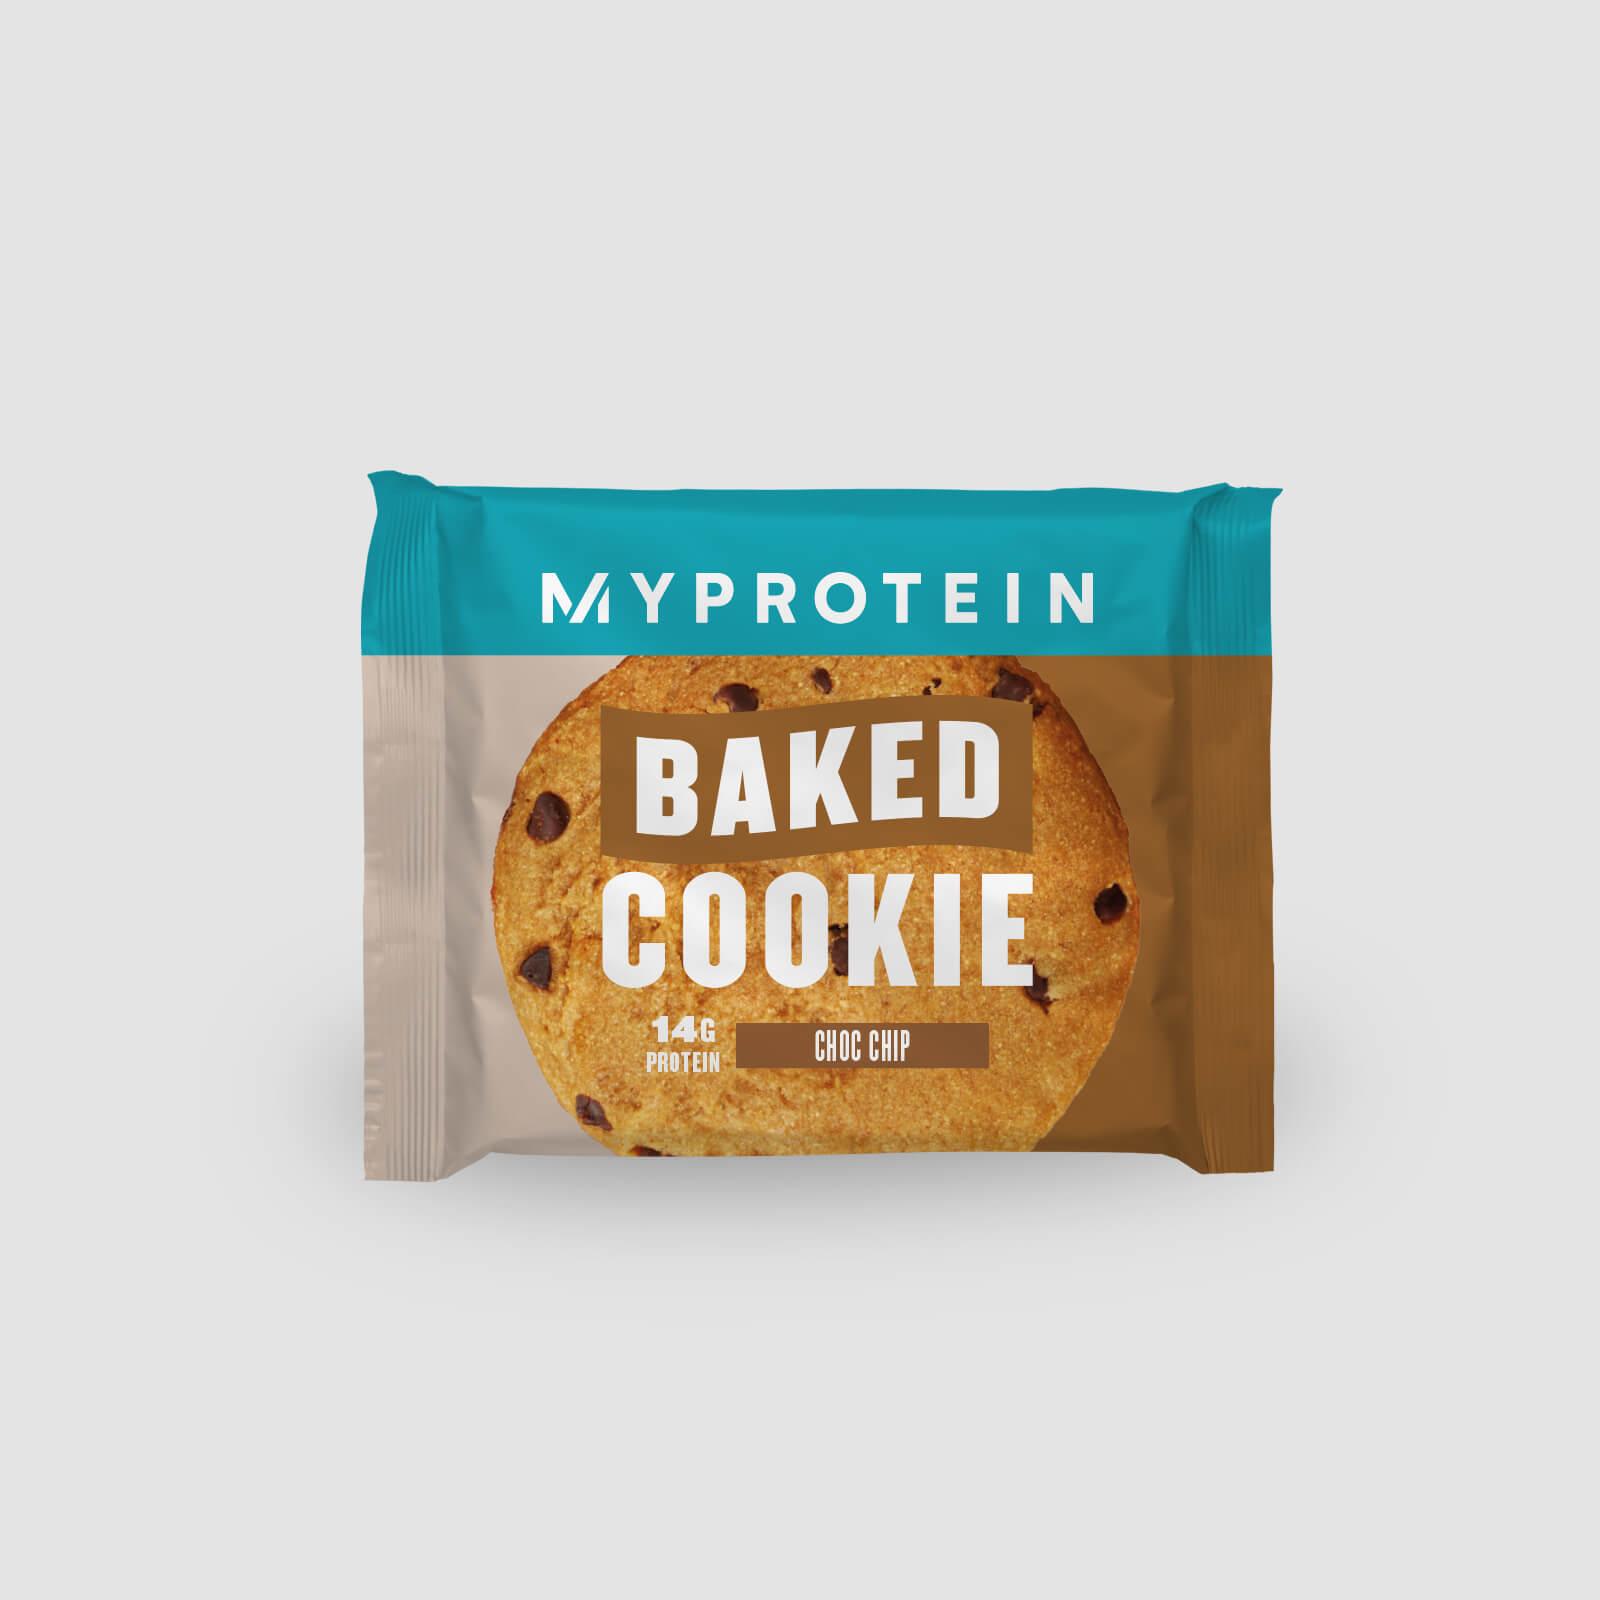 Купить Домашнее протеиновое печенье (пробник) - Шоколадная крошка, Myprotein International